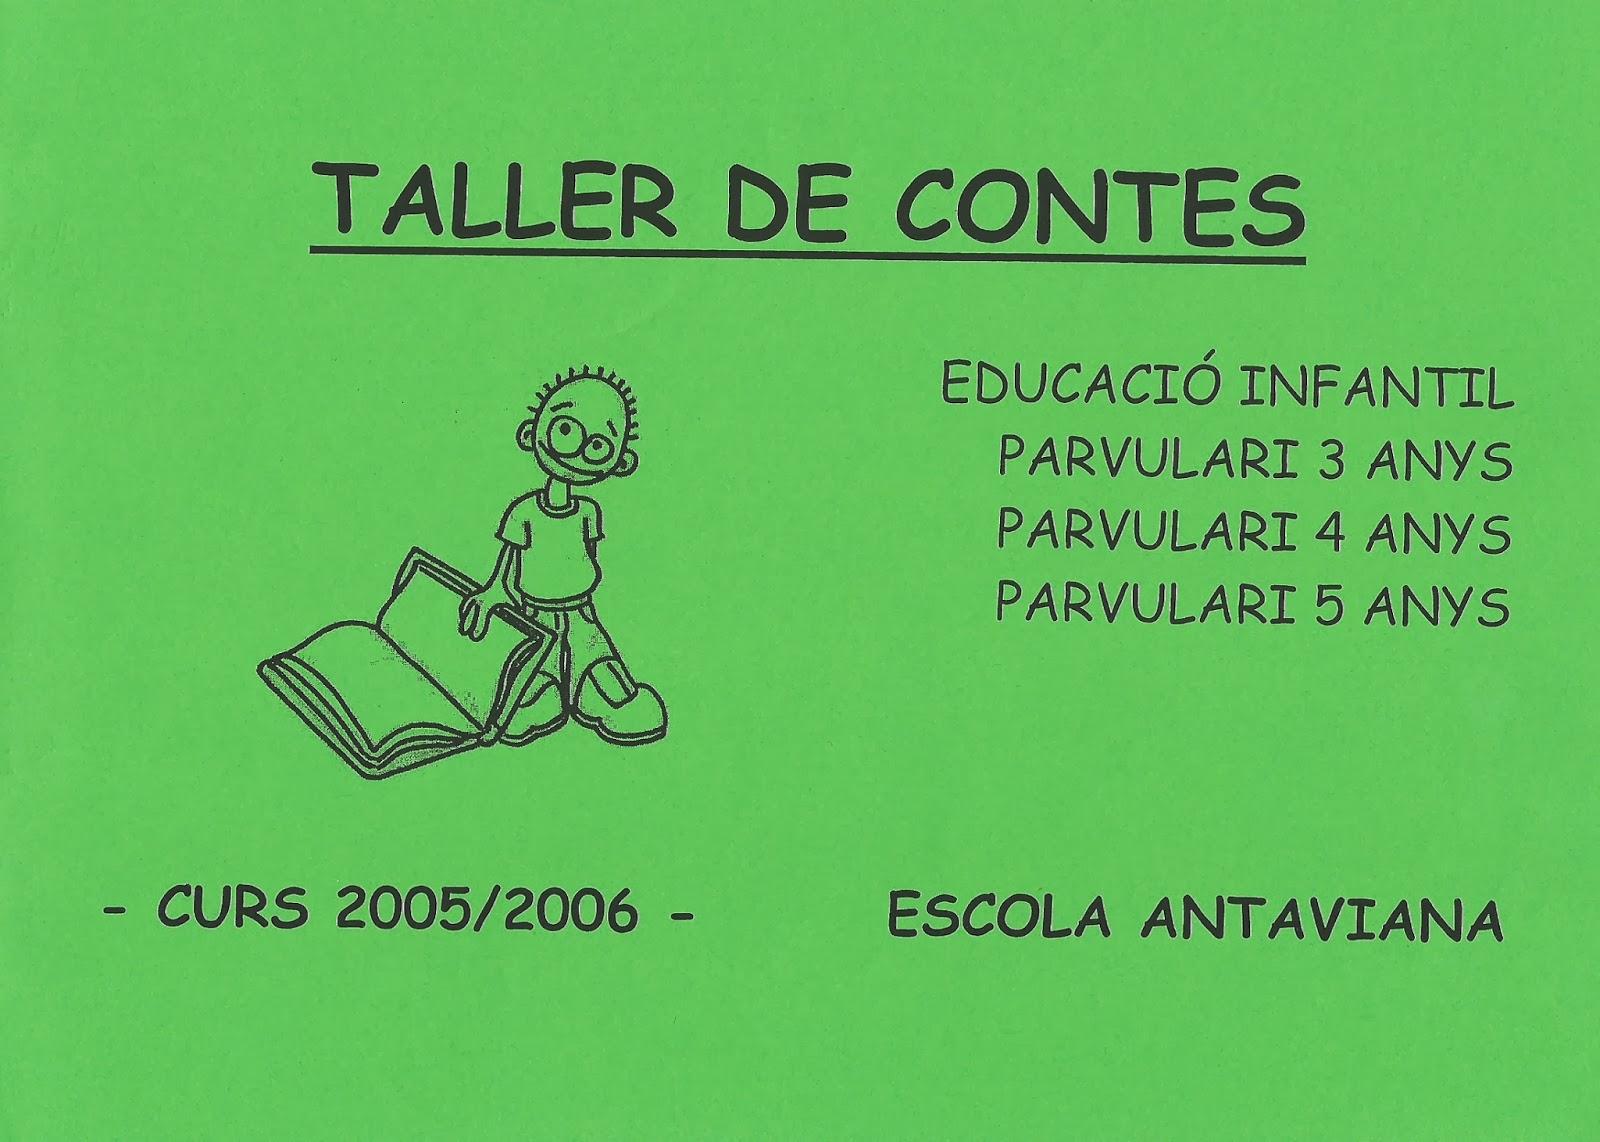 http://issuu.com/blocsdantaviana/docs/dossier_sencer_contes_2005-06